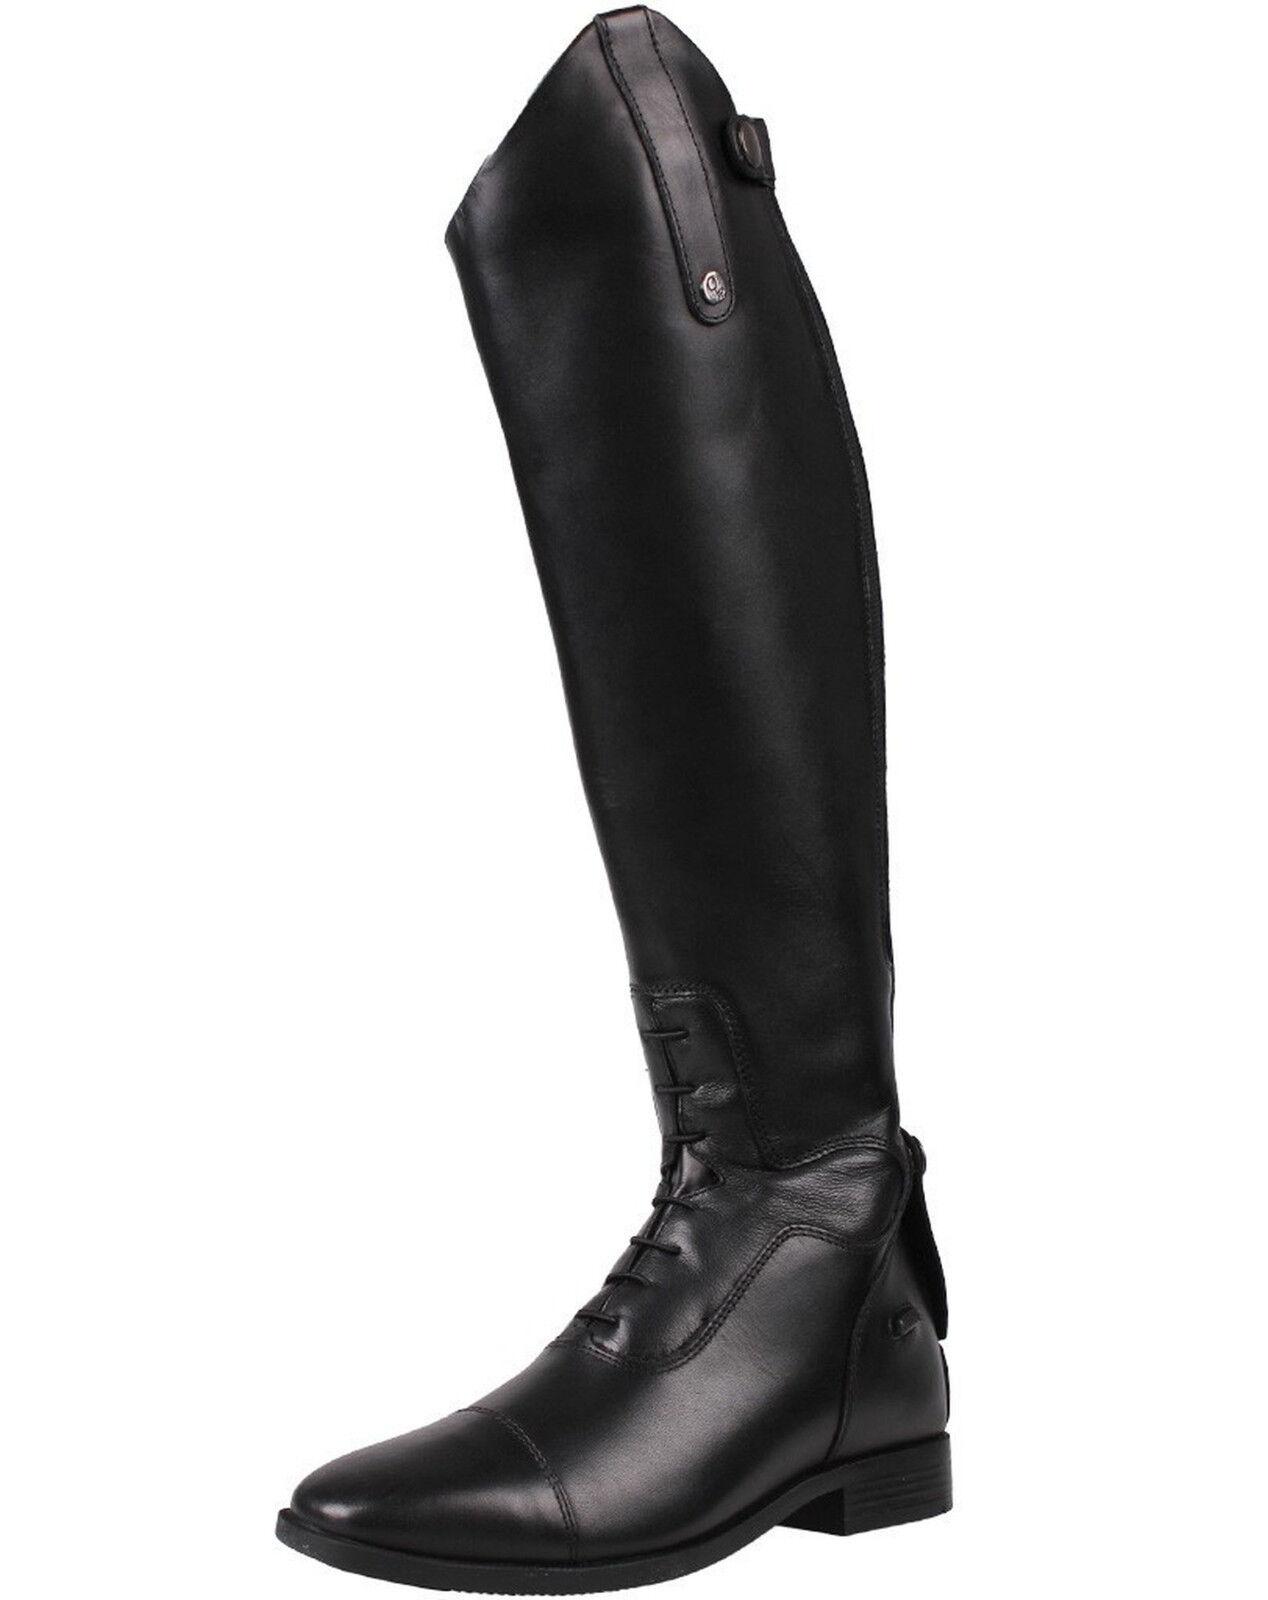 Qhp señora de lujo cuero-reitbotas Verena más comodidad tamaño 36-42 36-42 36-42 lejos negro 8edde0